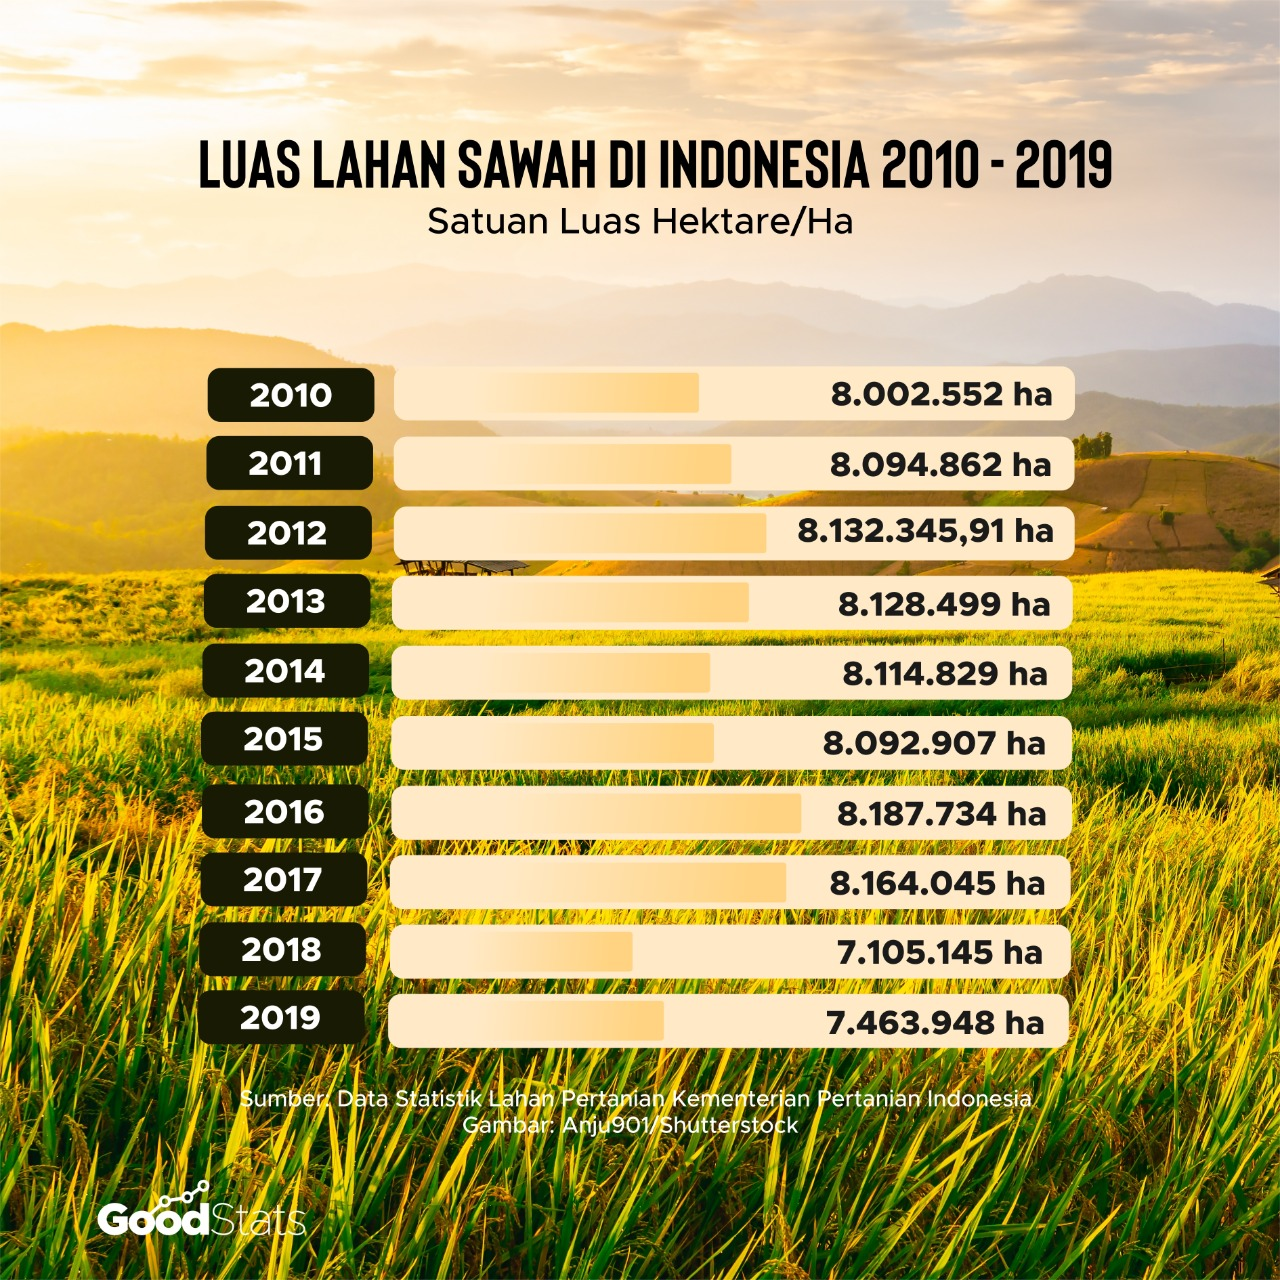 Luas lahan sawah di Indonesia dalam rentang waktu 10 tahun terakhir.   Infografis : GoodStats